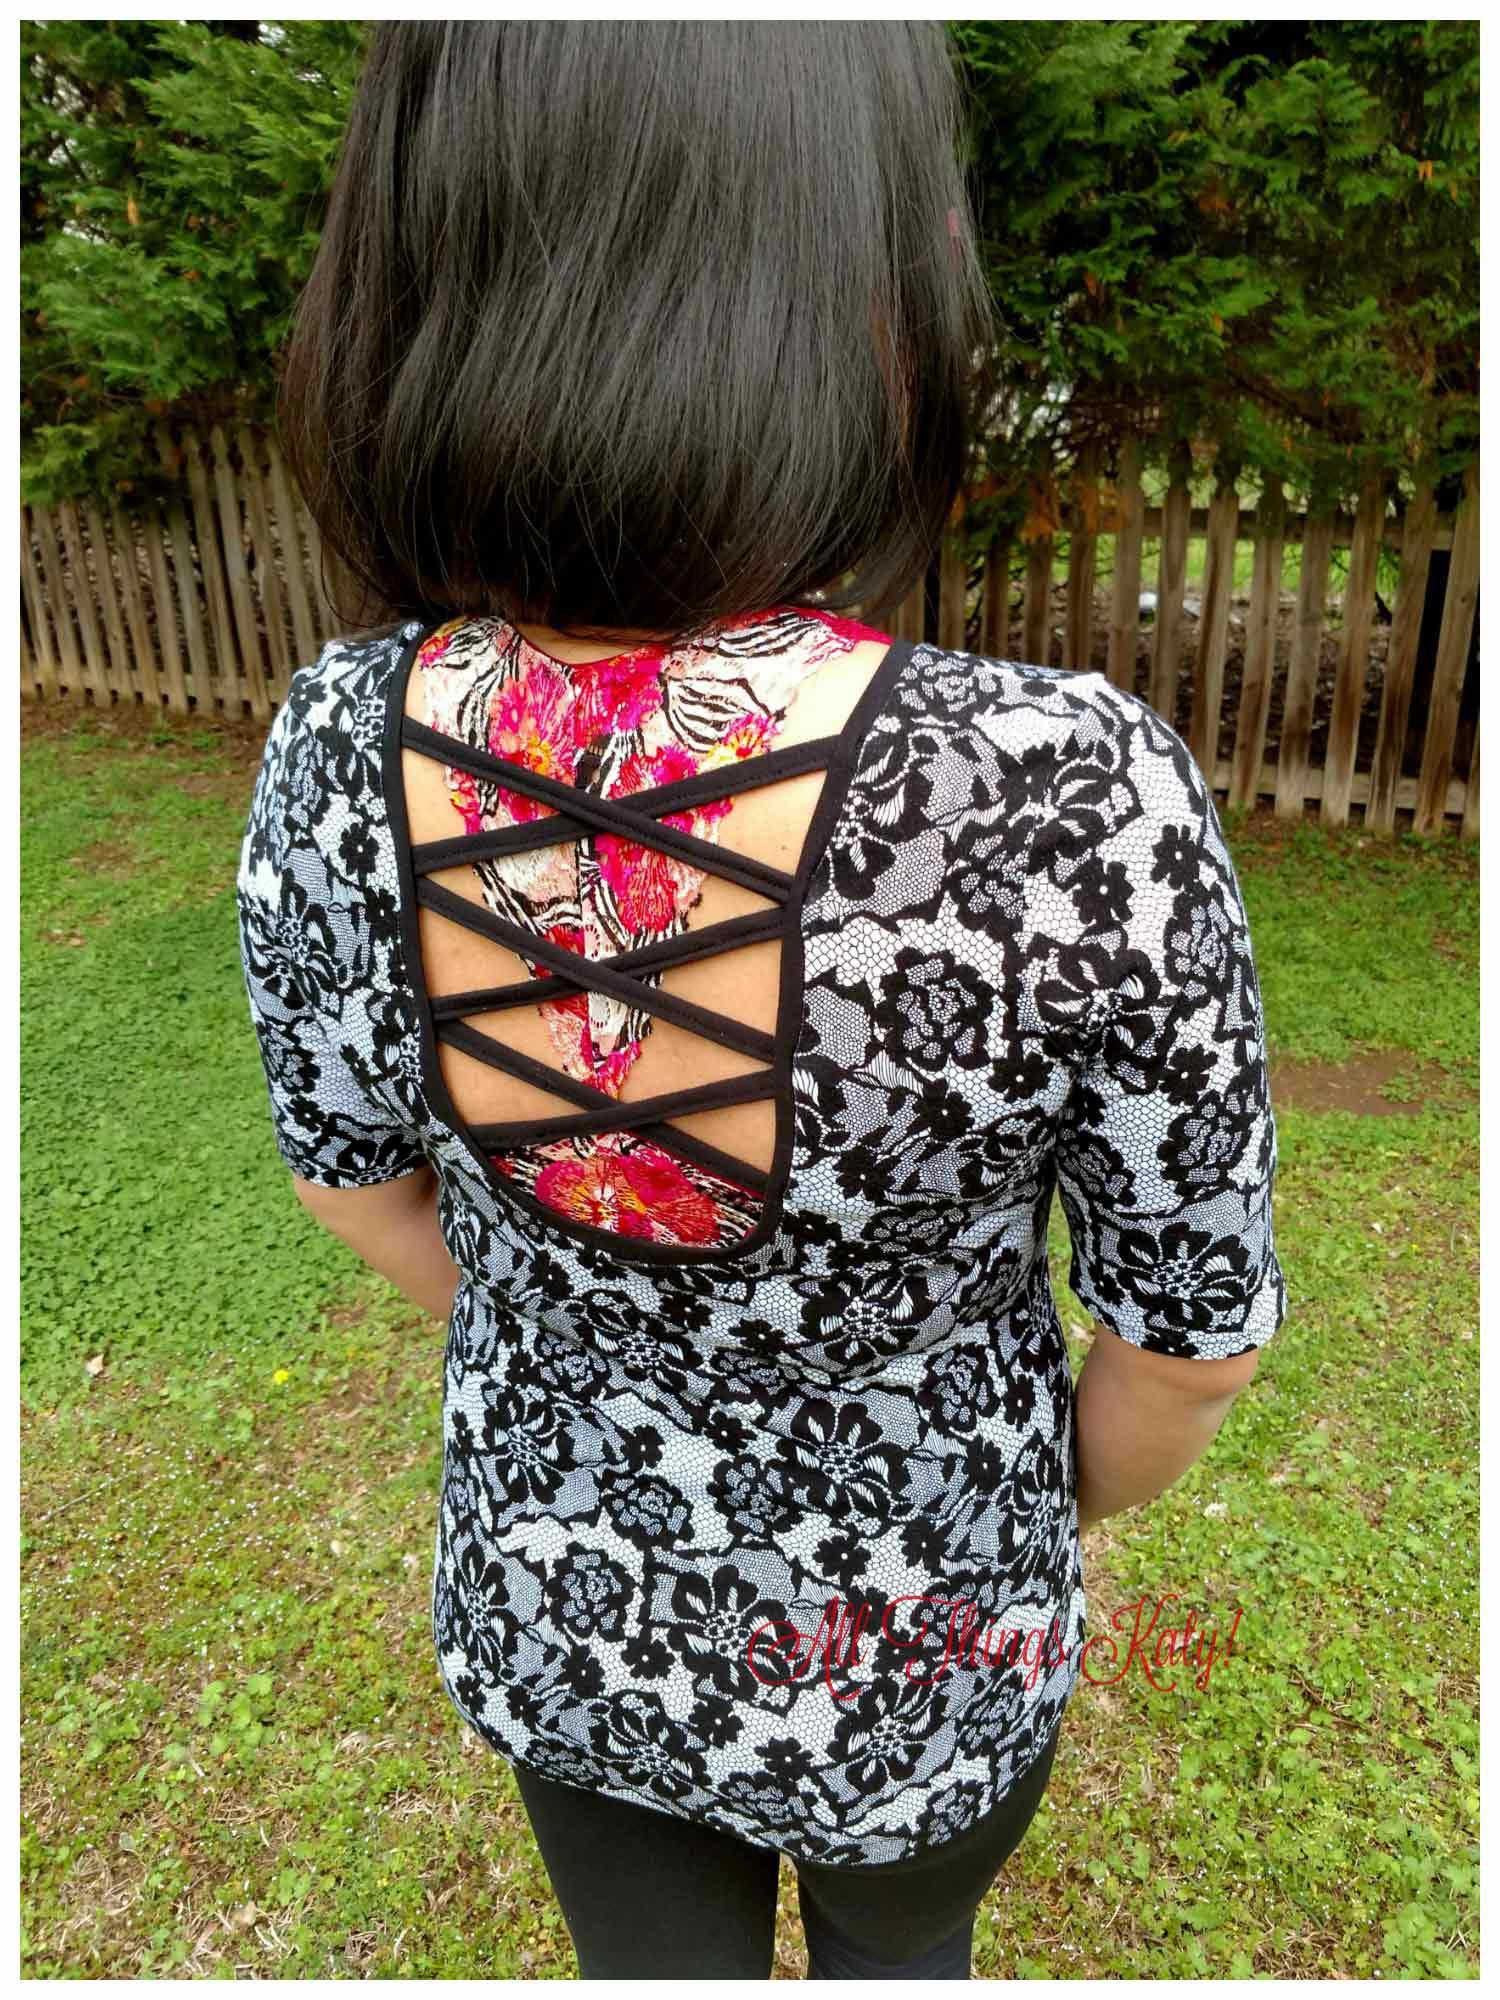 jessie_back_wm.jpg